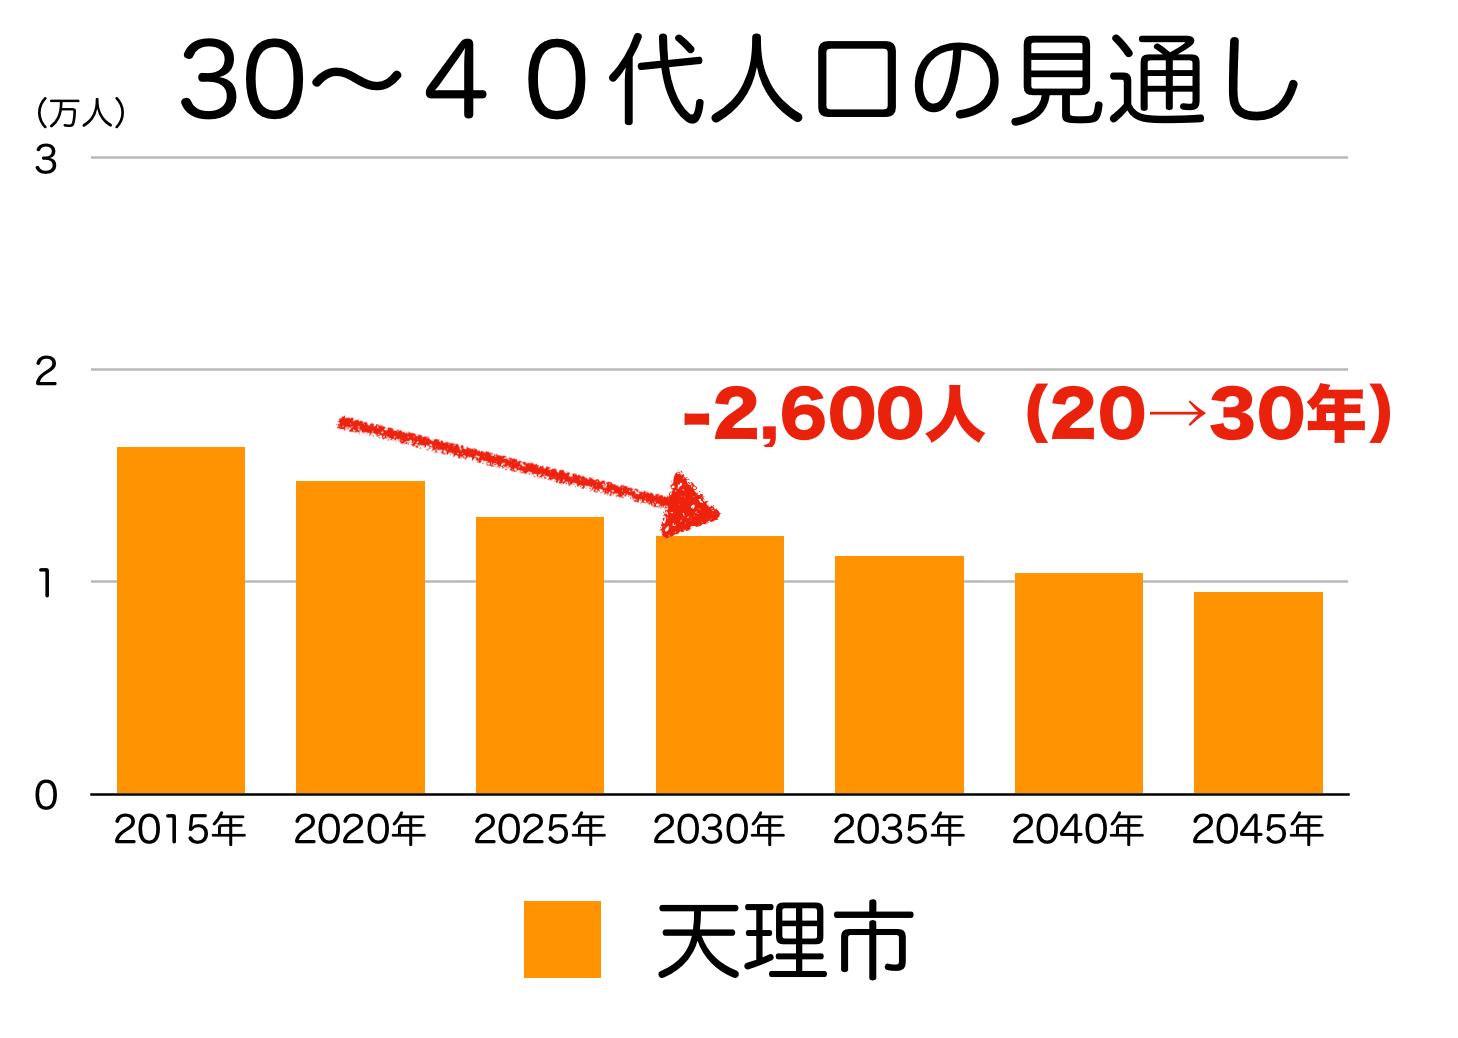 天理市の30〜40代人口の予測